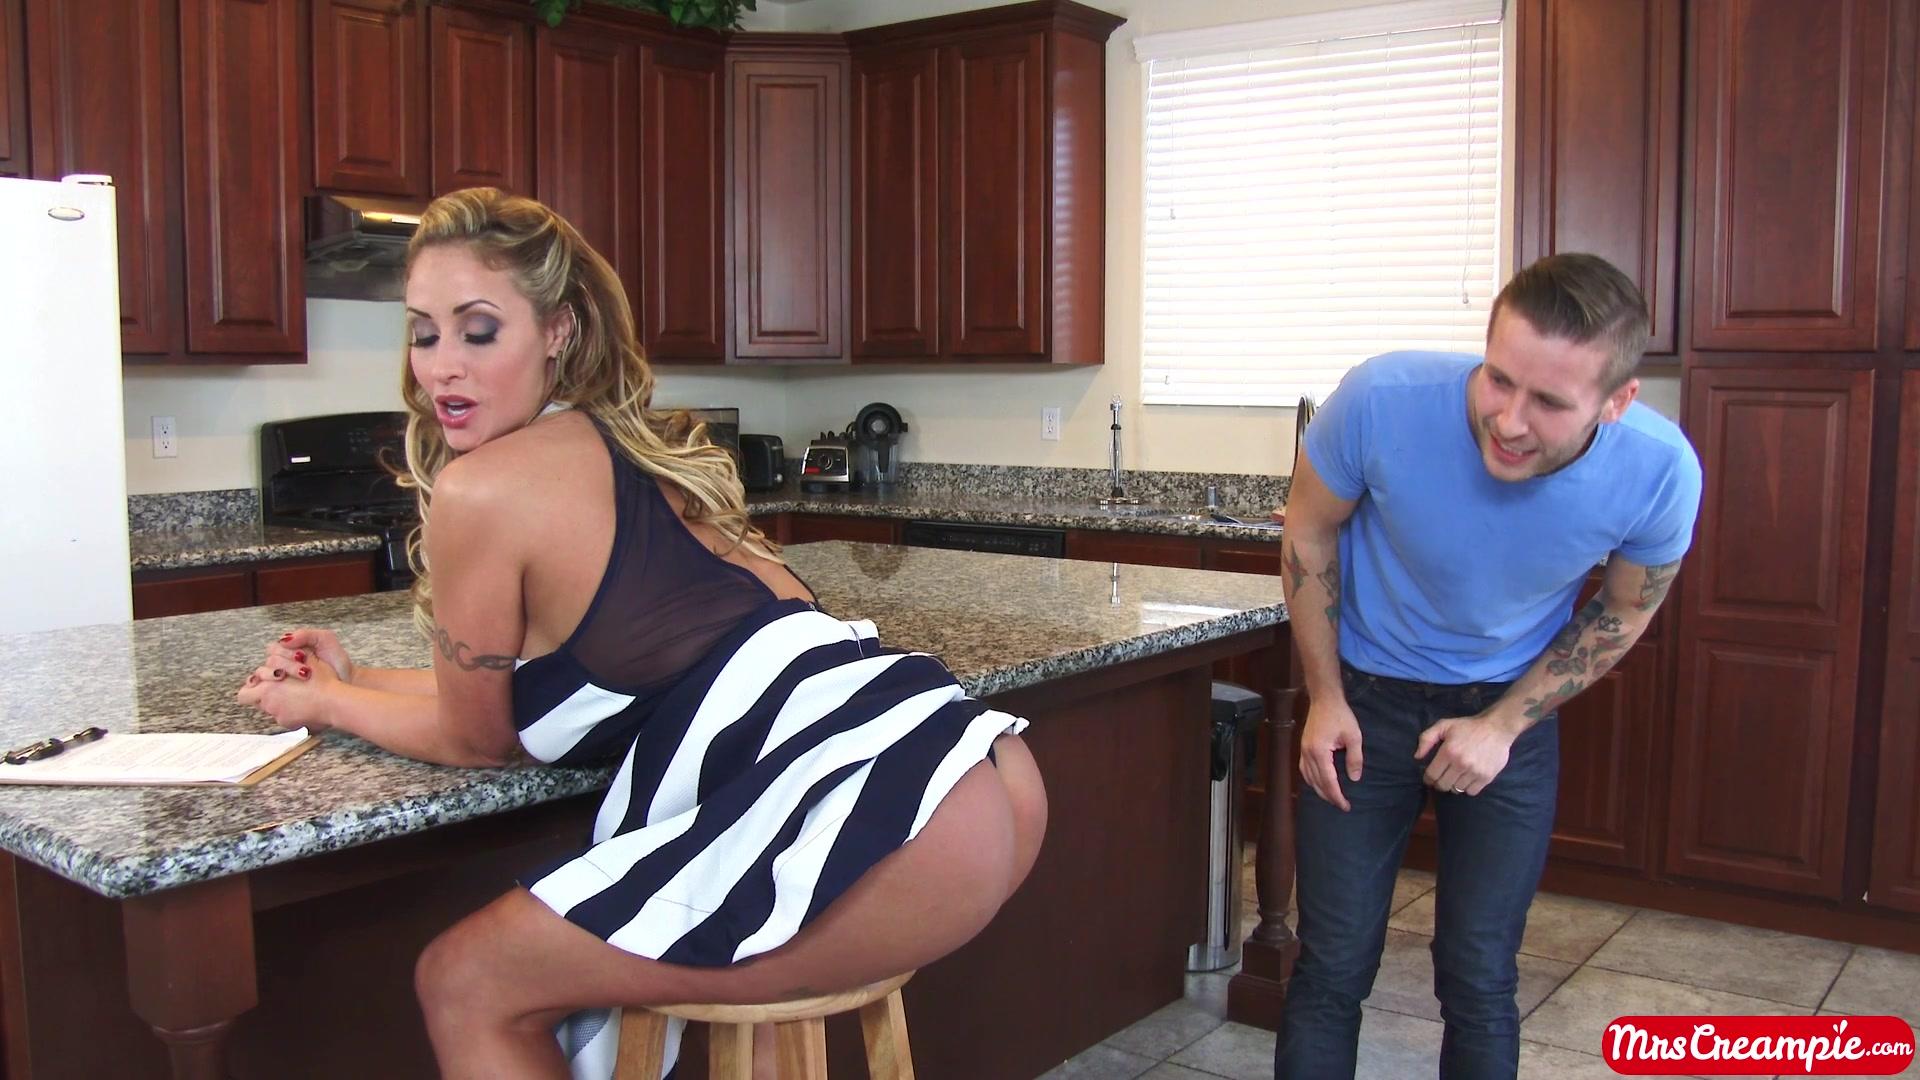 Ненасытная блондинка раздаинула ноги на кухне перед парнем с большим членом